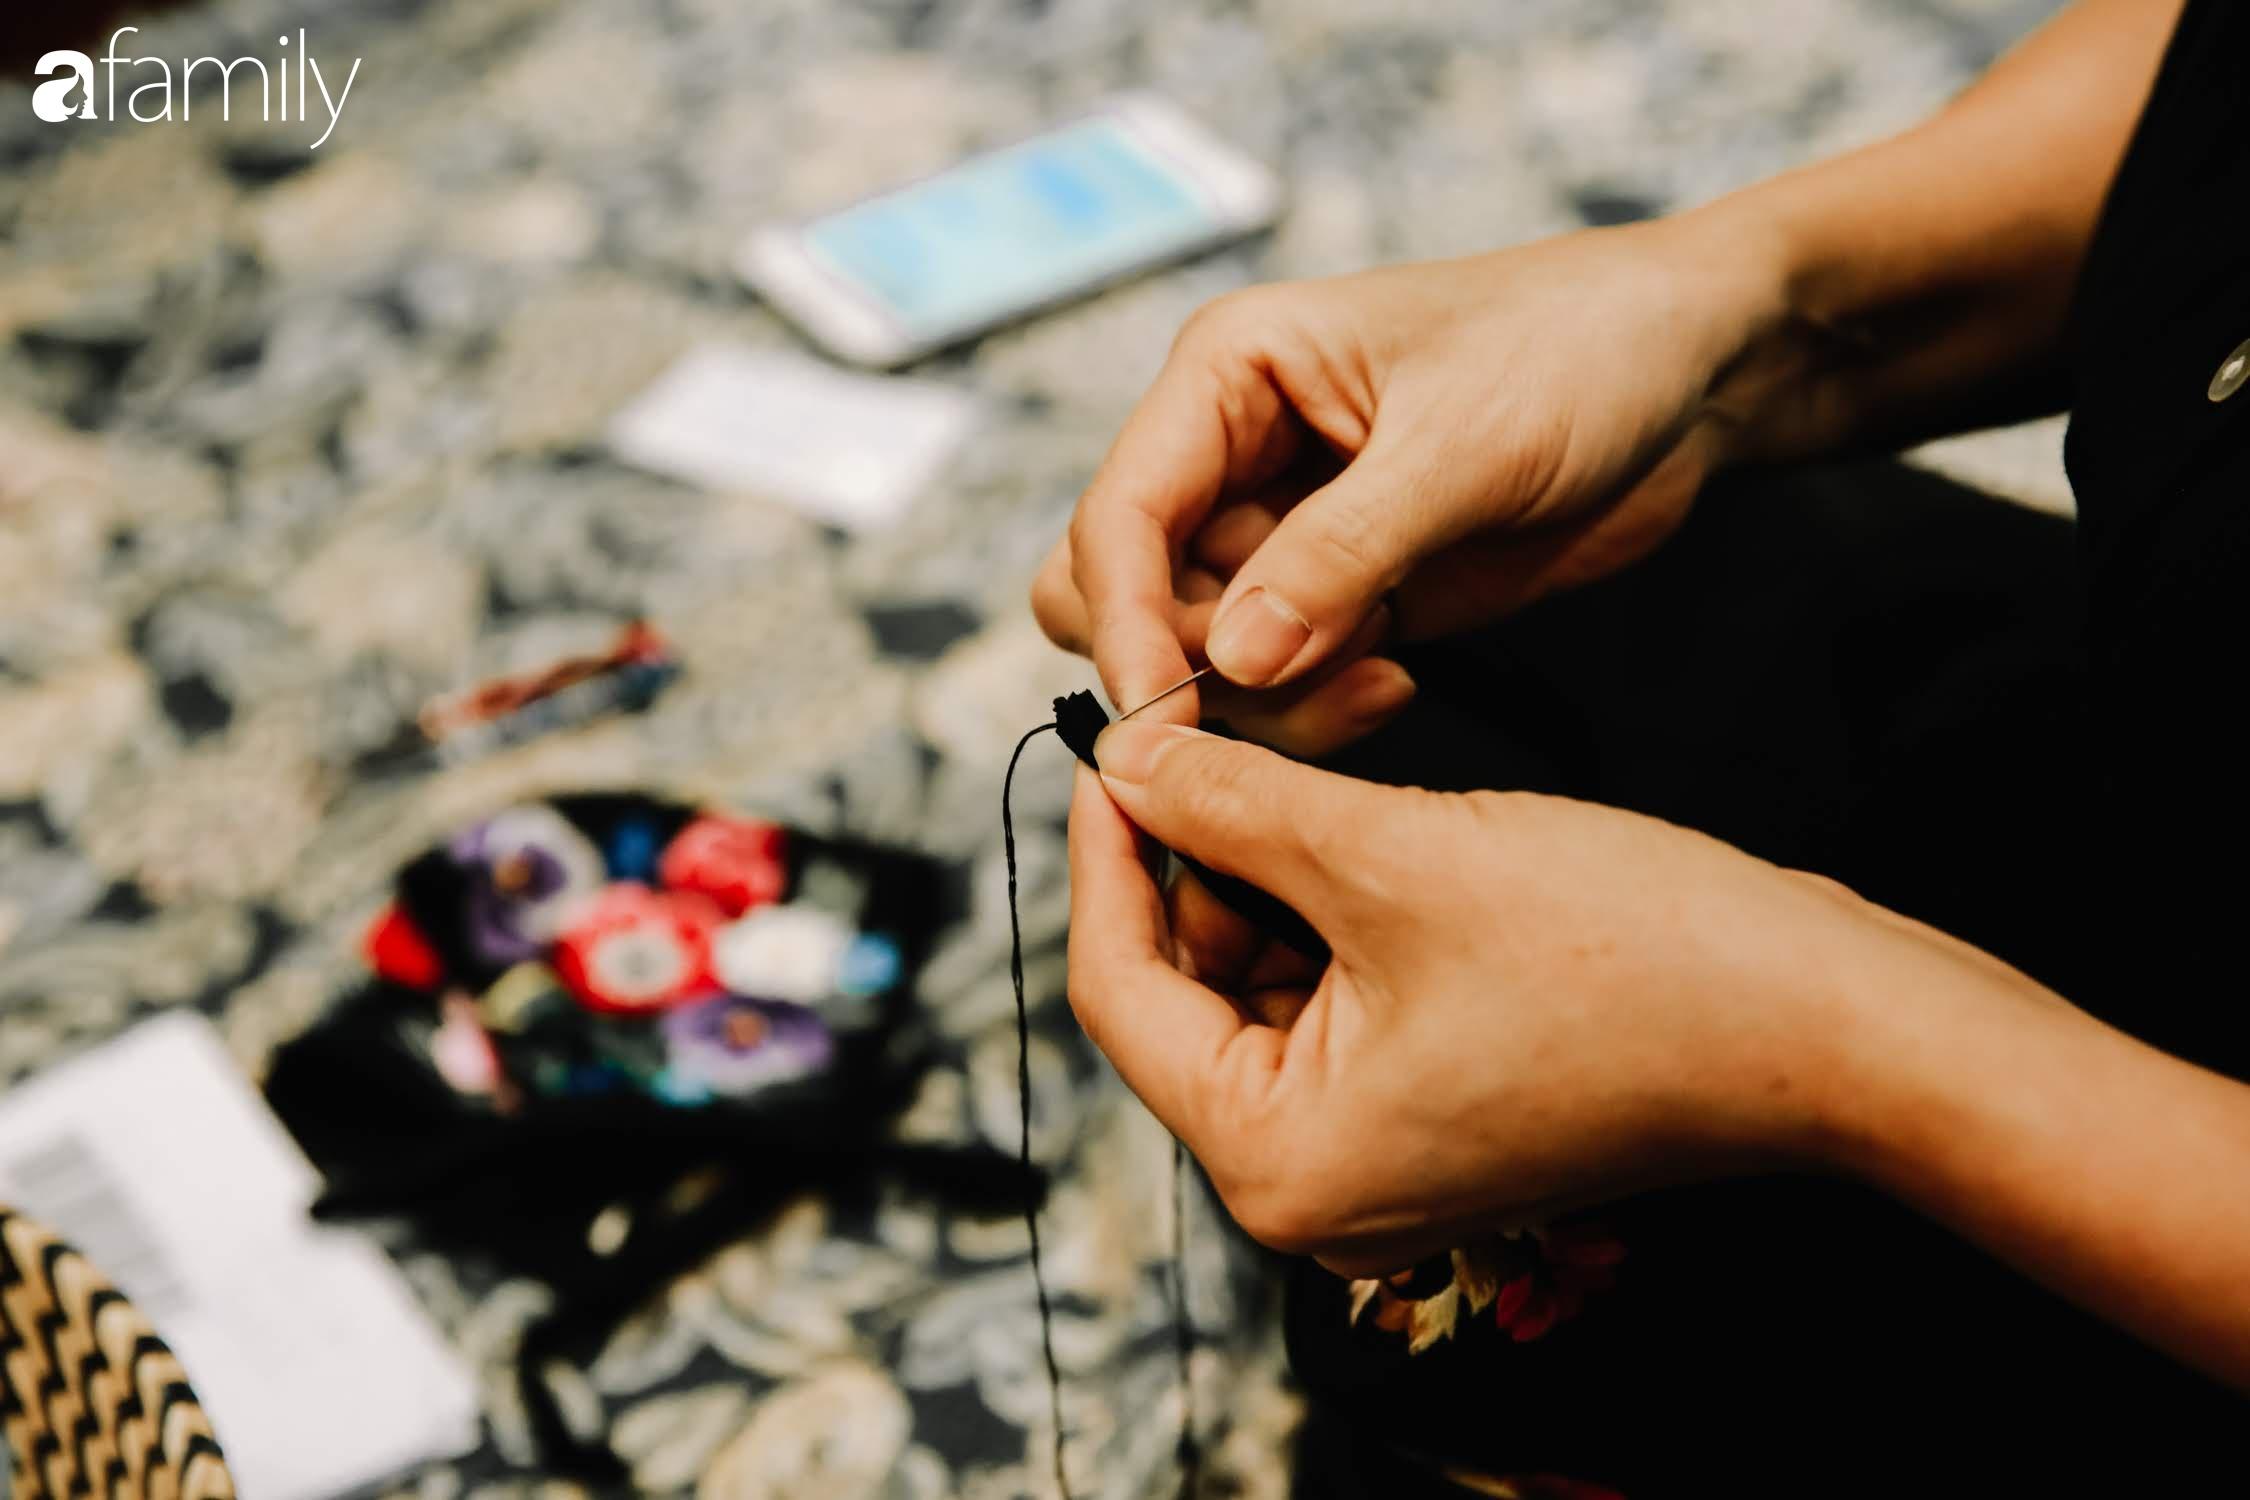 Người phụ nữ làm ra chiếc khẩu trang giá nửa triệu đồng và công cuộc đưa văn hóa thêu thùa ra toàn thế giới, từ ý tưởng ai cũng cho là điên rồ đến sản lượng cao ngỡ ngàng từ khách hàng quốc tế  - Ảnh 9.